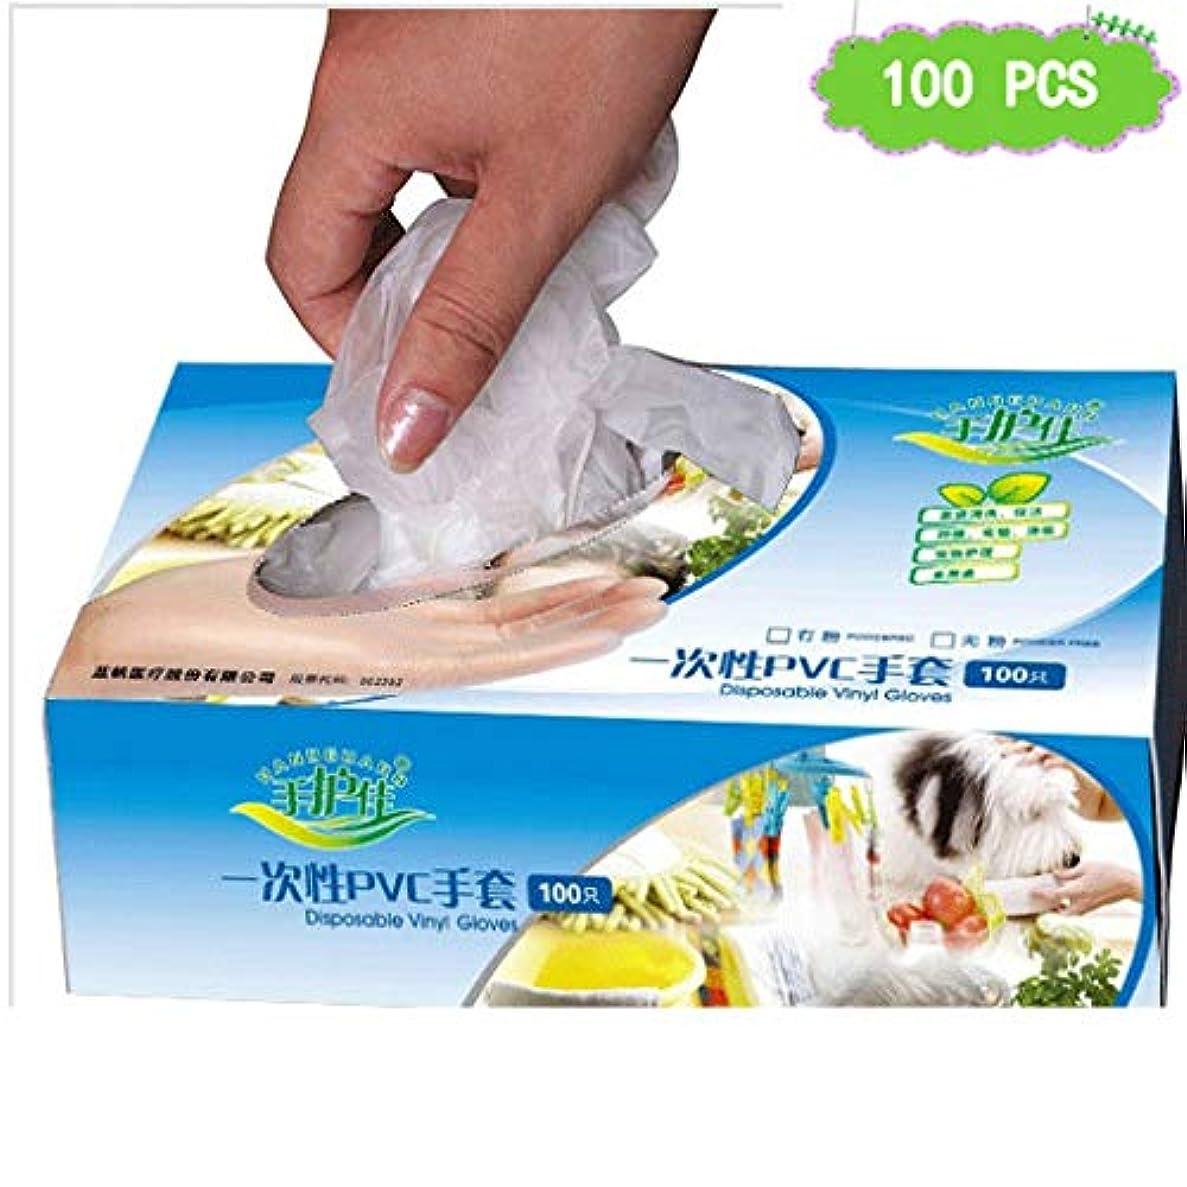 ビニール試験使い捨て手袋ゴム研究所労働保険PVC手袋検査保護実験、ビューティーサロンラテックスフリー、パウダーフリー、両手利き、100個 (Size : M)